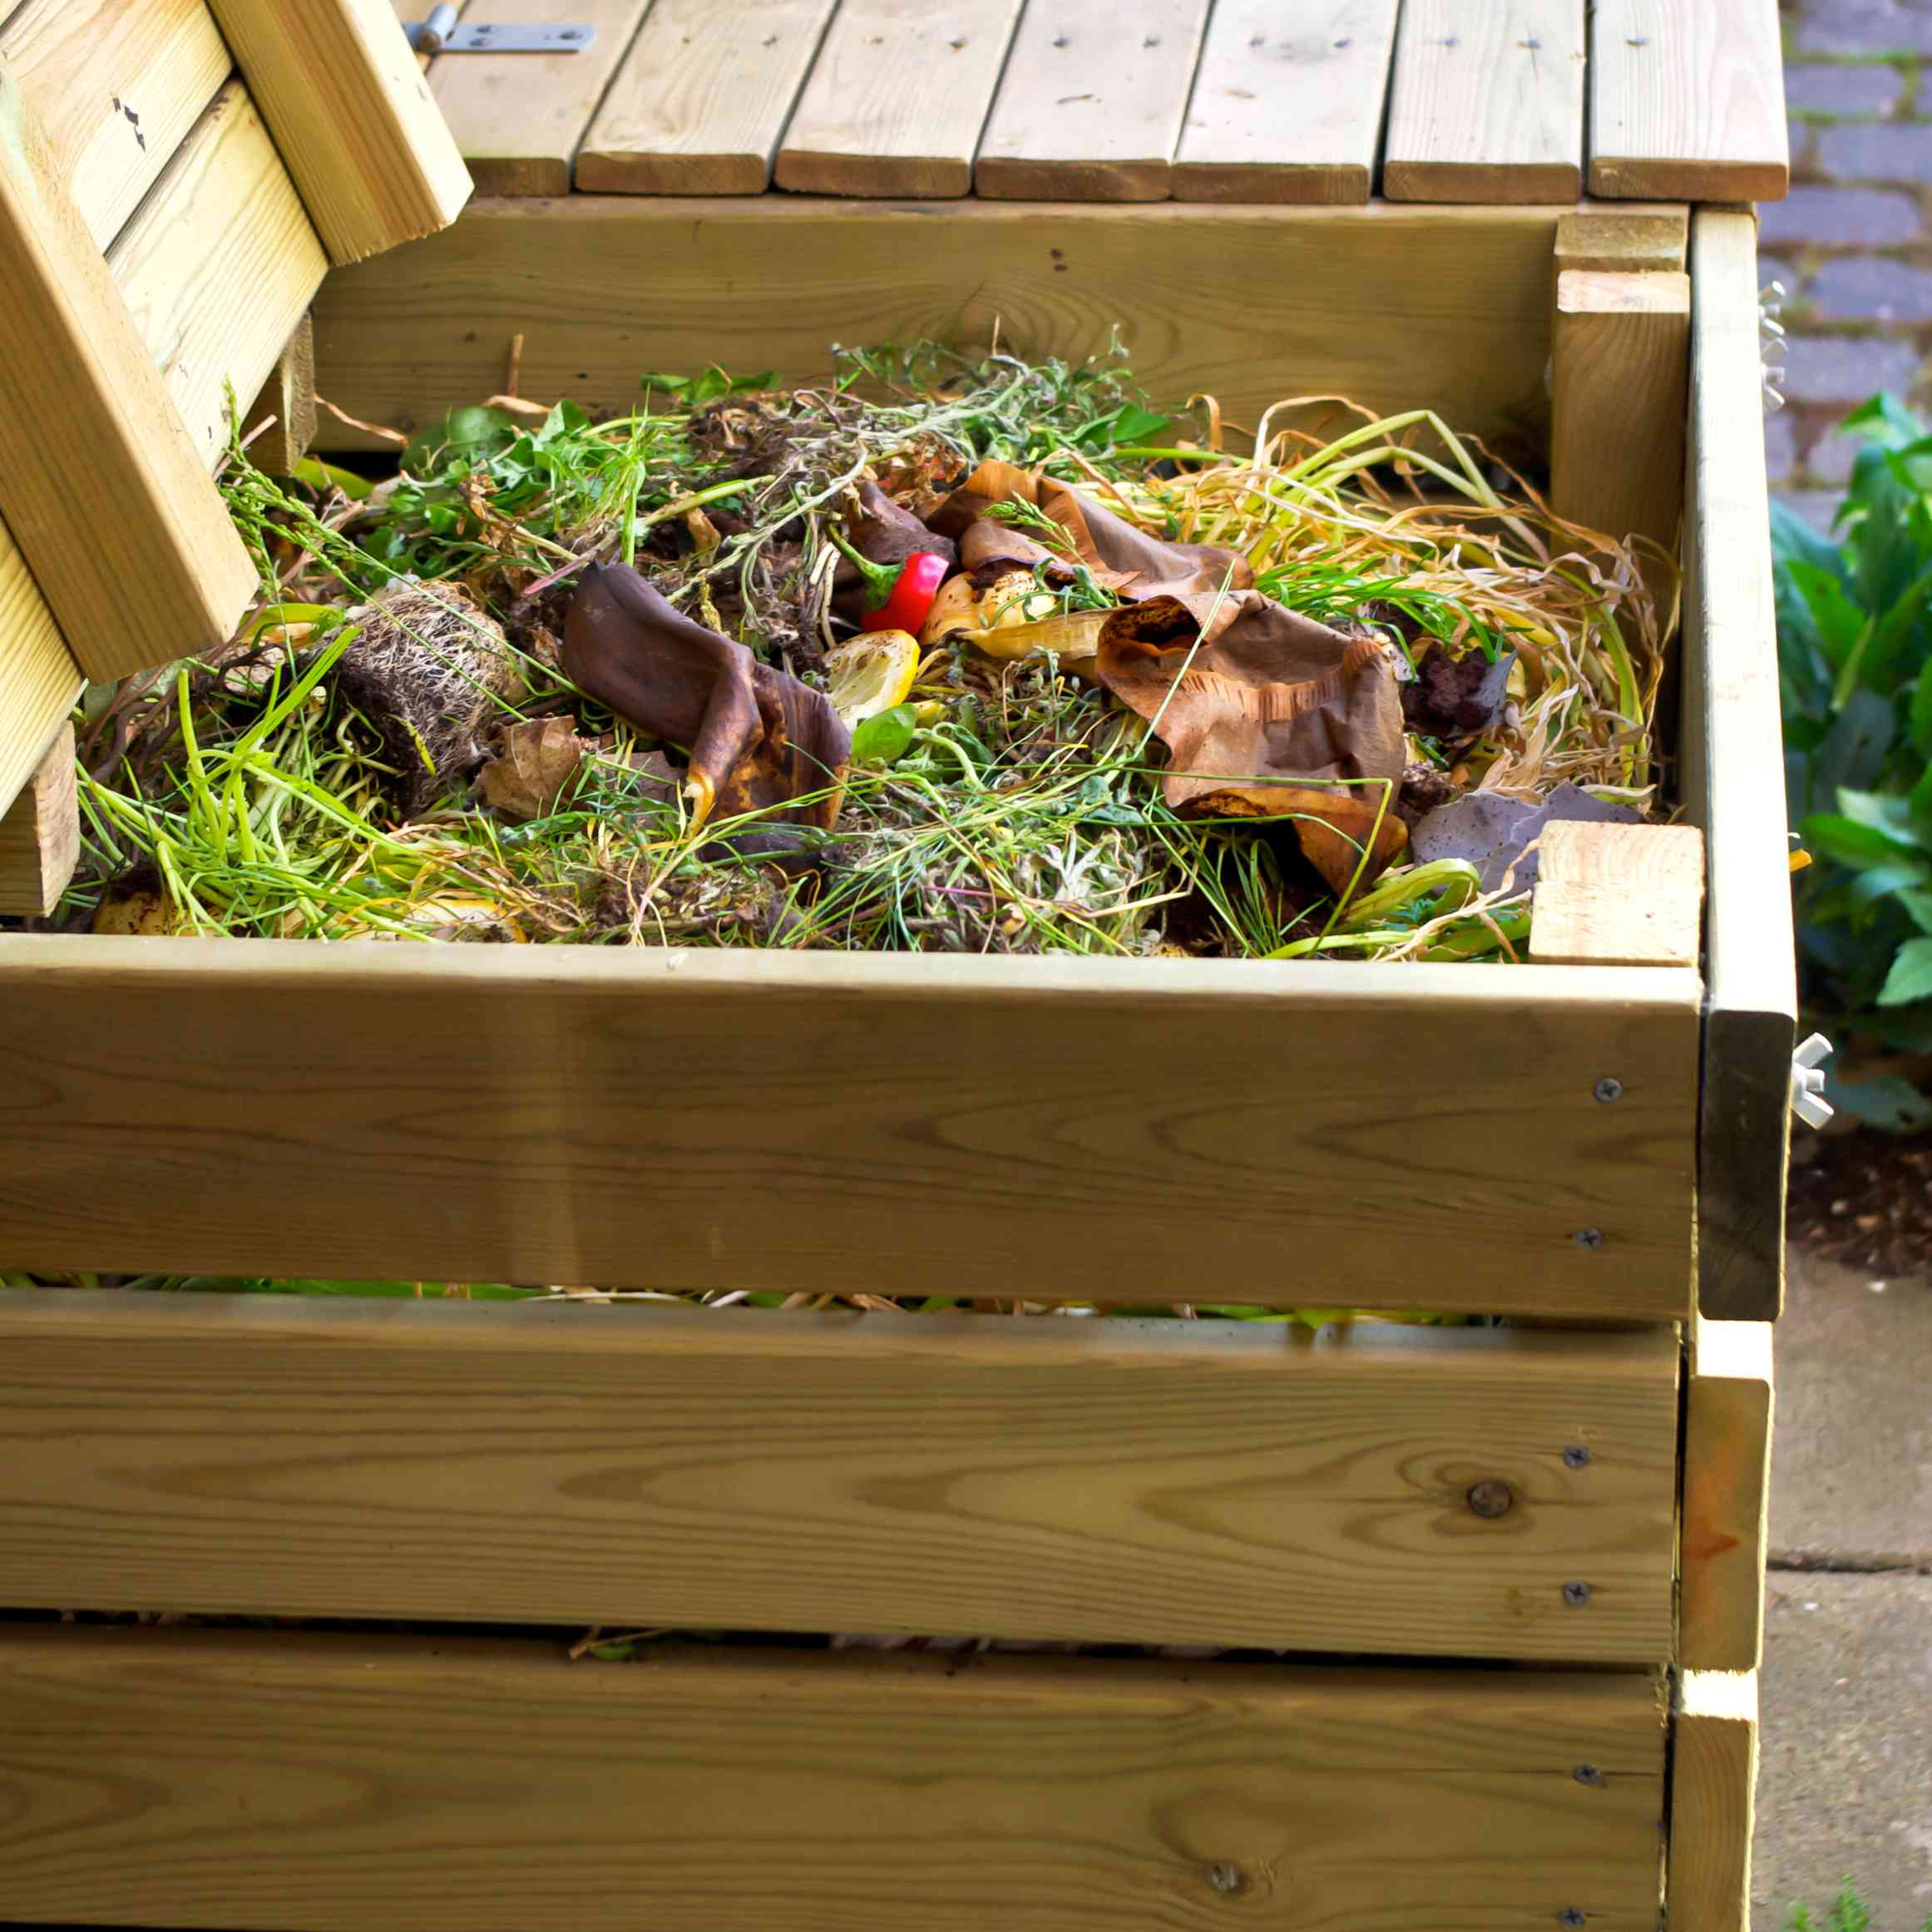 Build a Compost Box